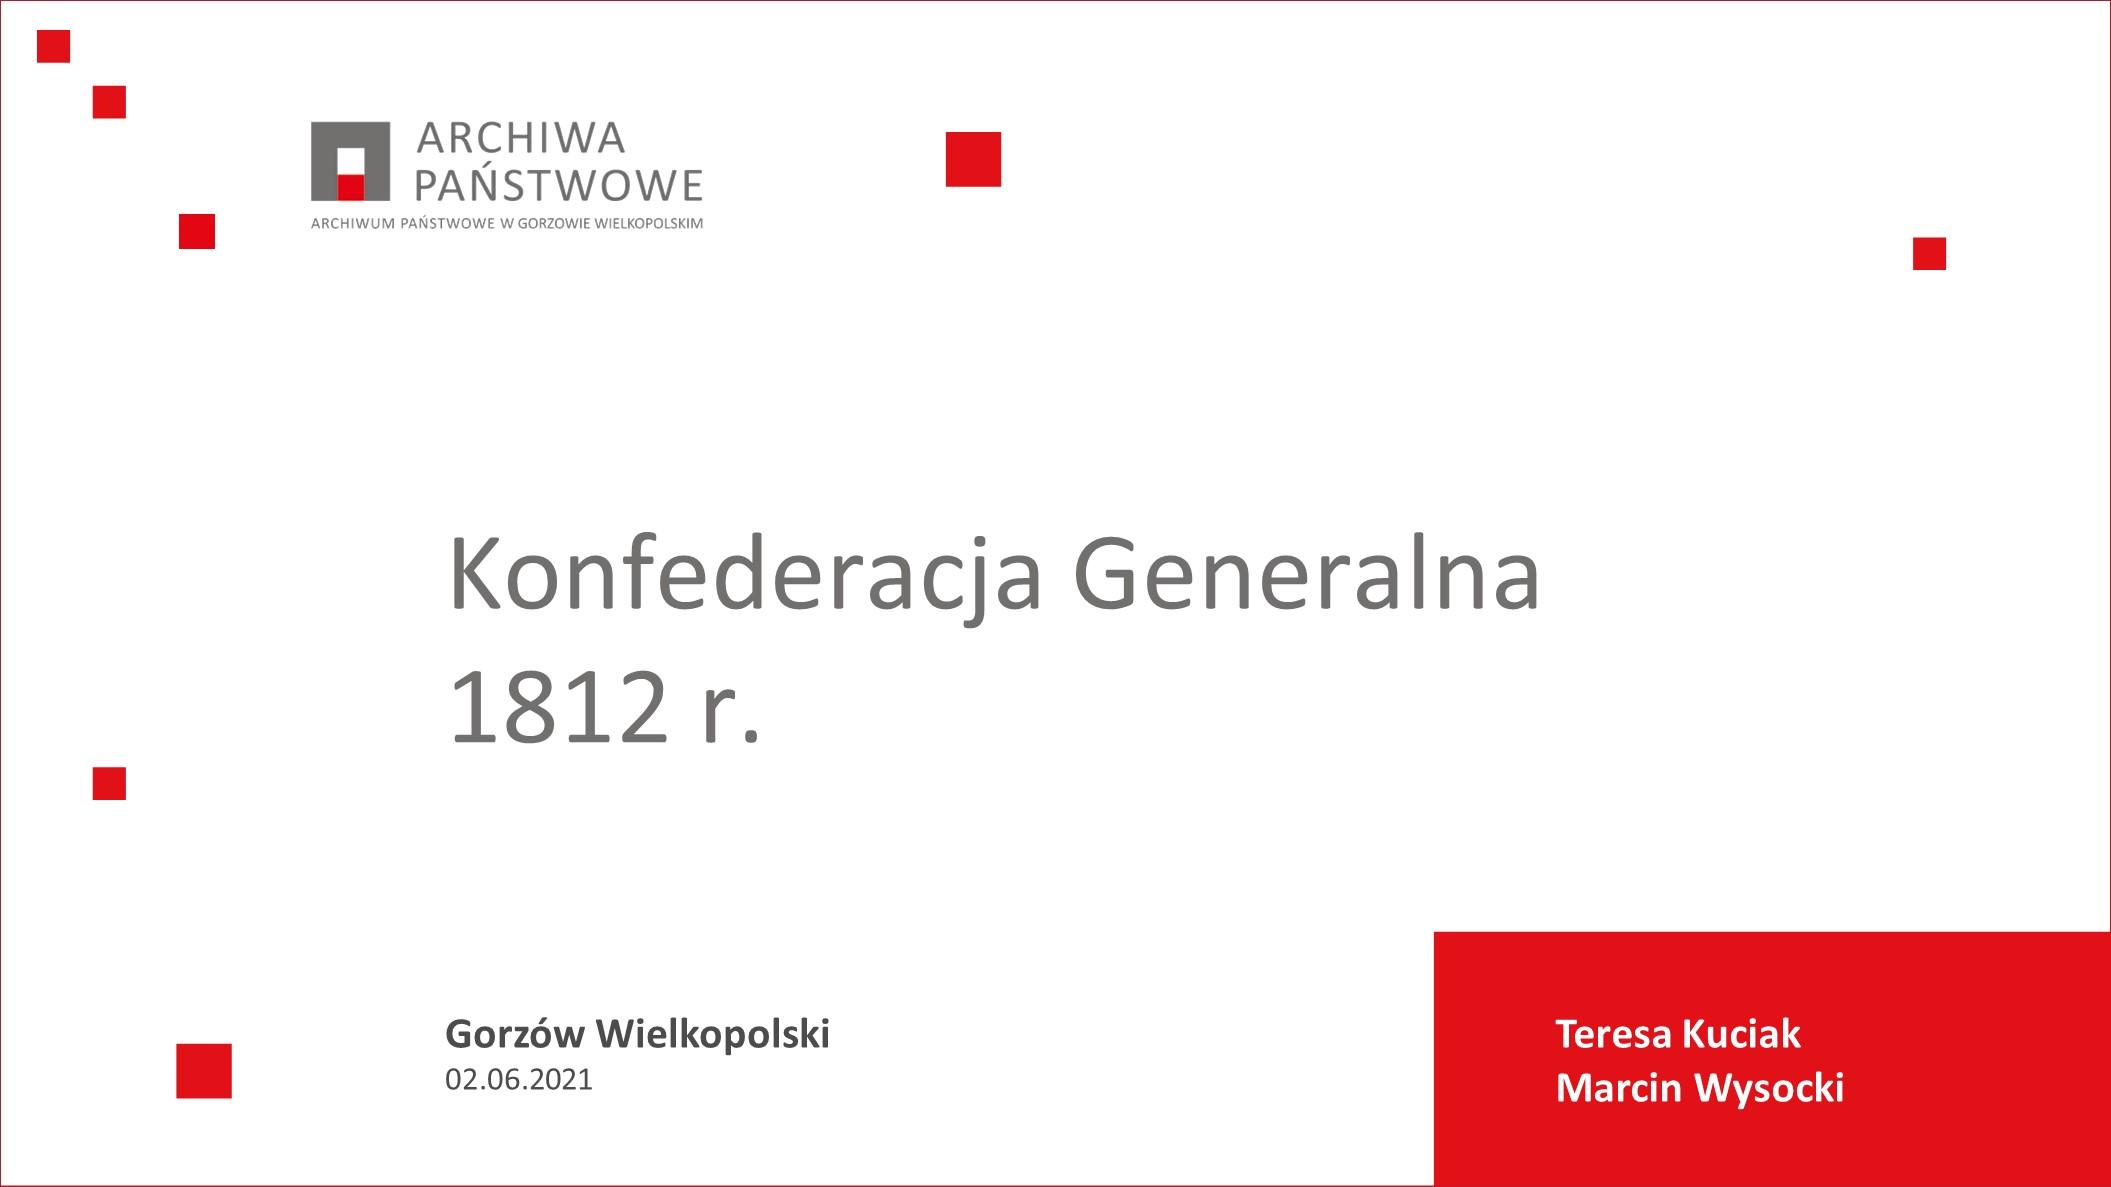 Ilustracja przedstawiająca stronę tytułową prezentacji